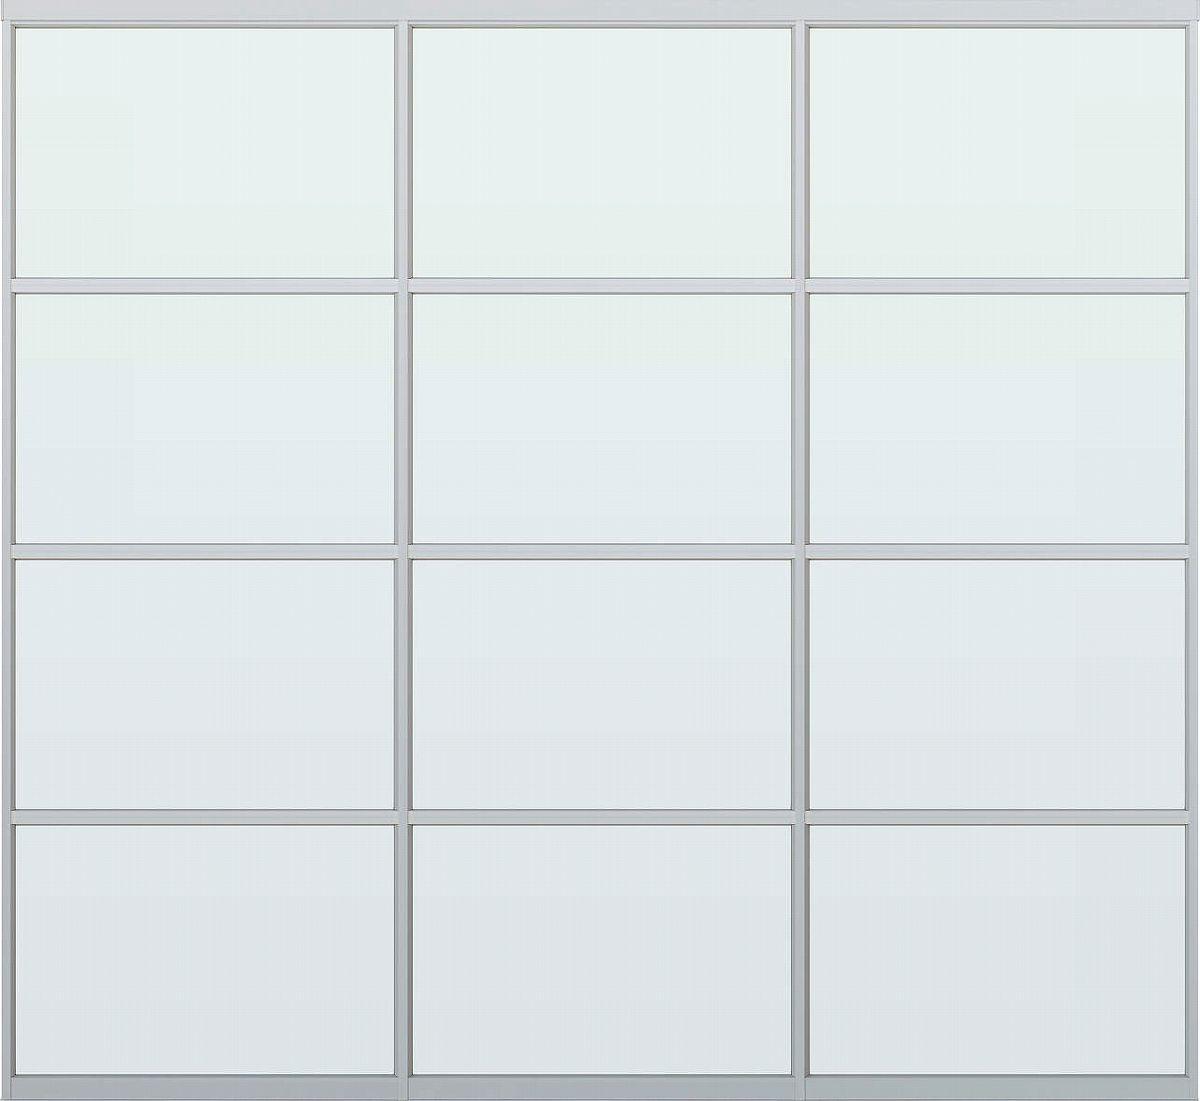 【国産】 スクリーンパーティション[間仕切] 固定タイプスクリーンデザイン(アルミ枠) NAタイプ:[幅1464~2652mm×高2443~2732mm]【YKK】【室内インテリア】【サッシ】【パーテーション】【パーテイション】【固定間仕切り】【アルミ間仕切】【:ノース&ウエスト YKKAPアルミインテリア 3枚パネル-木材・建築資材・設備